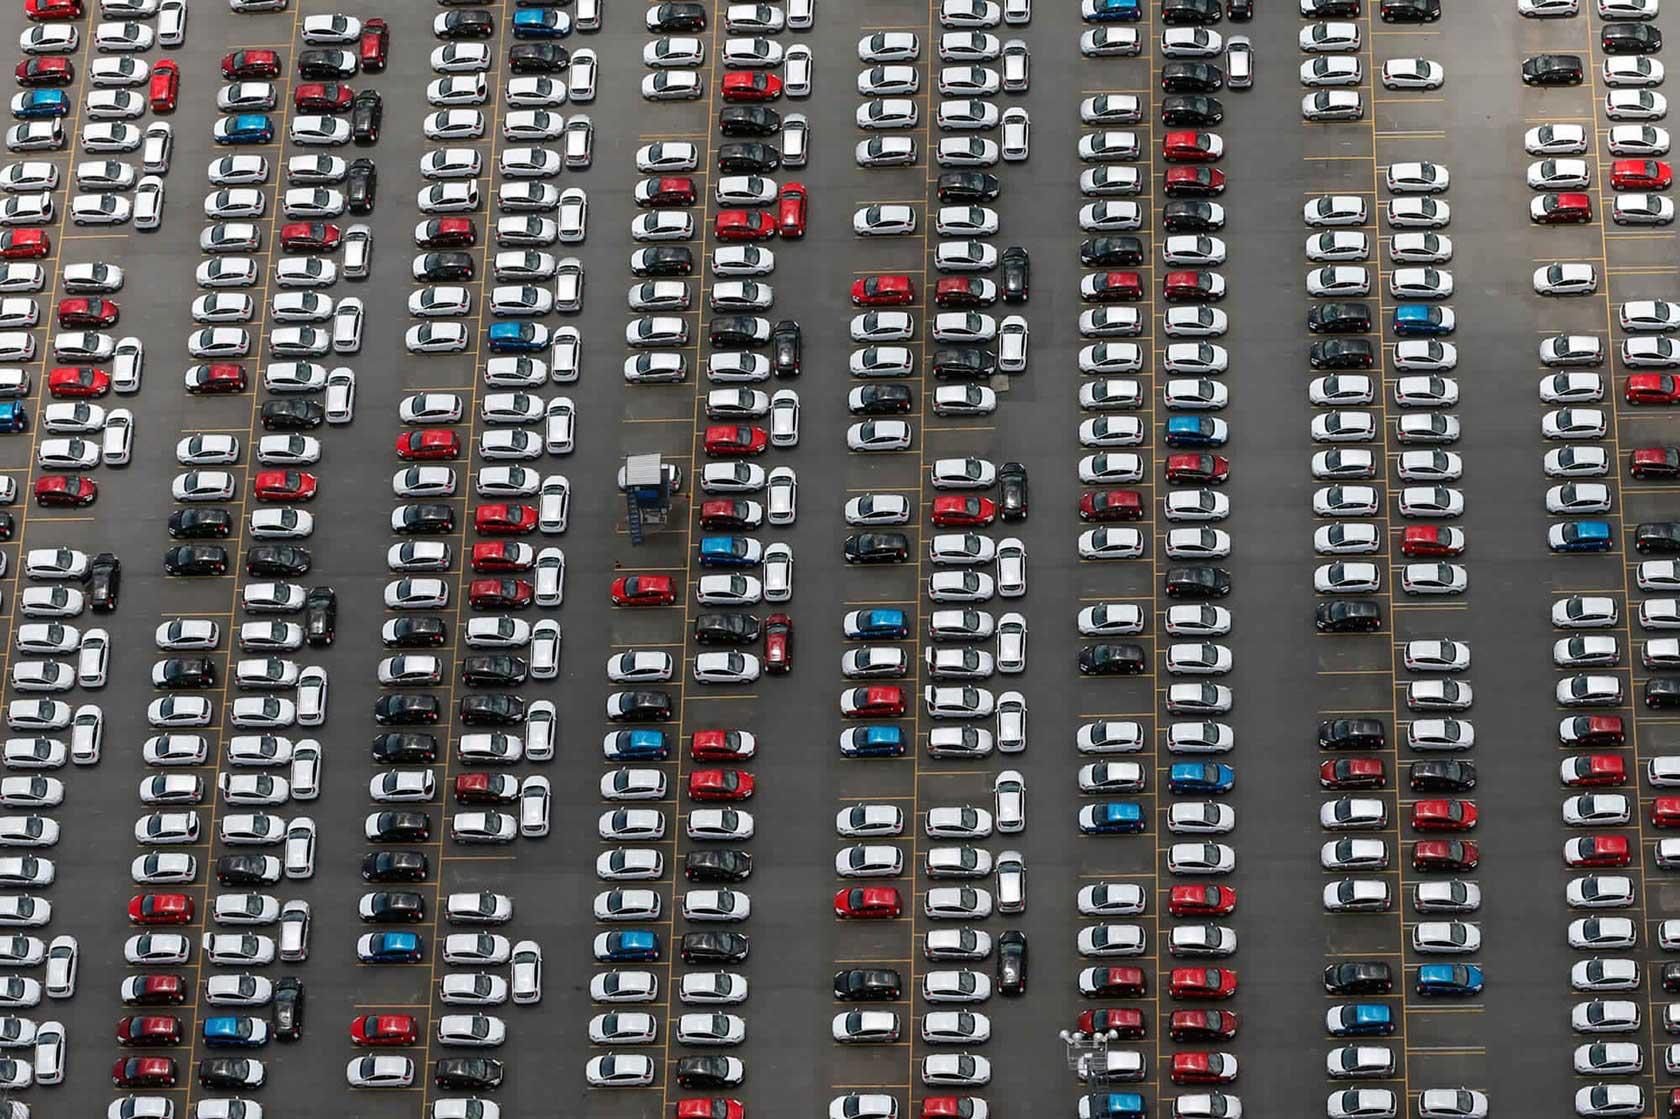 Statistiques des immatriculations des véhicules légers à Avril 2021